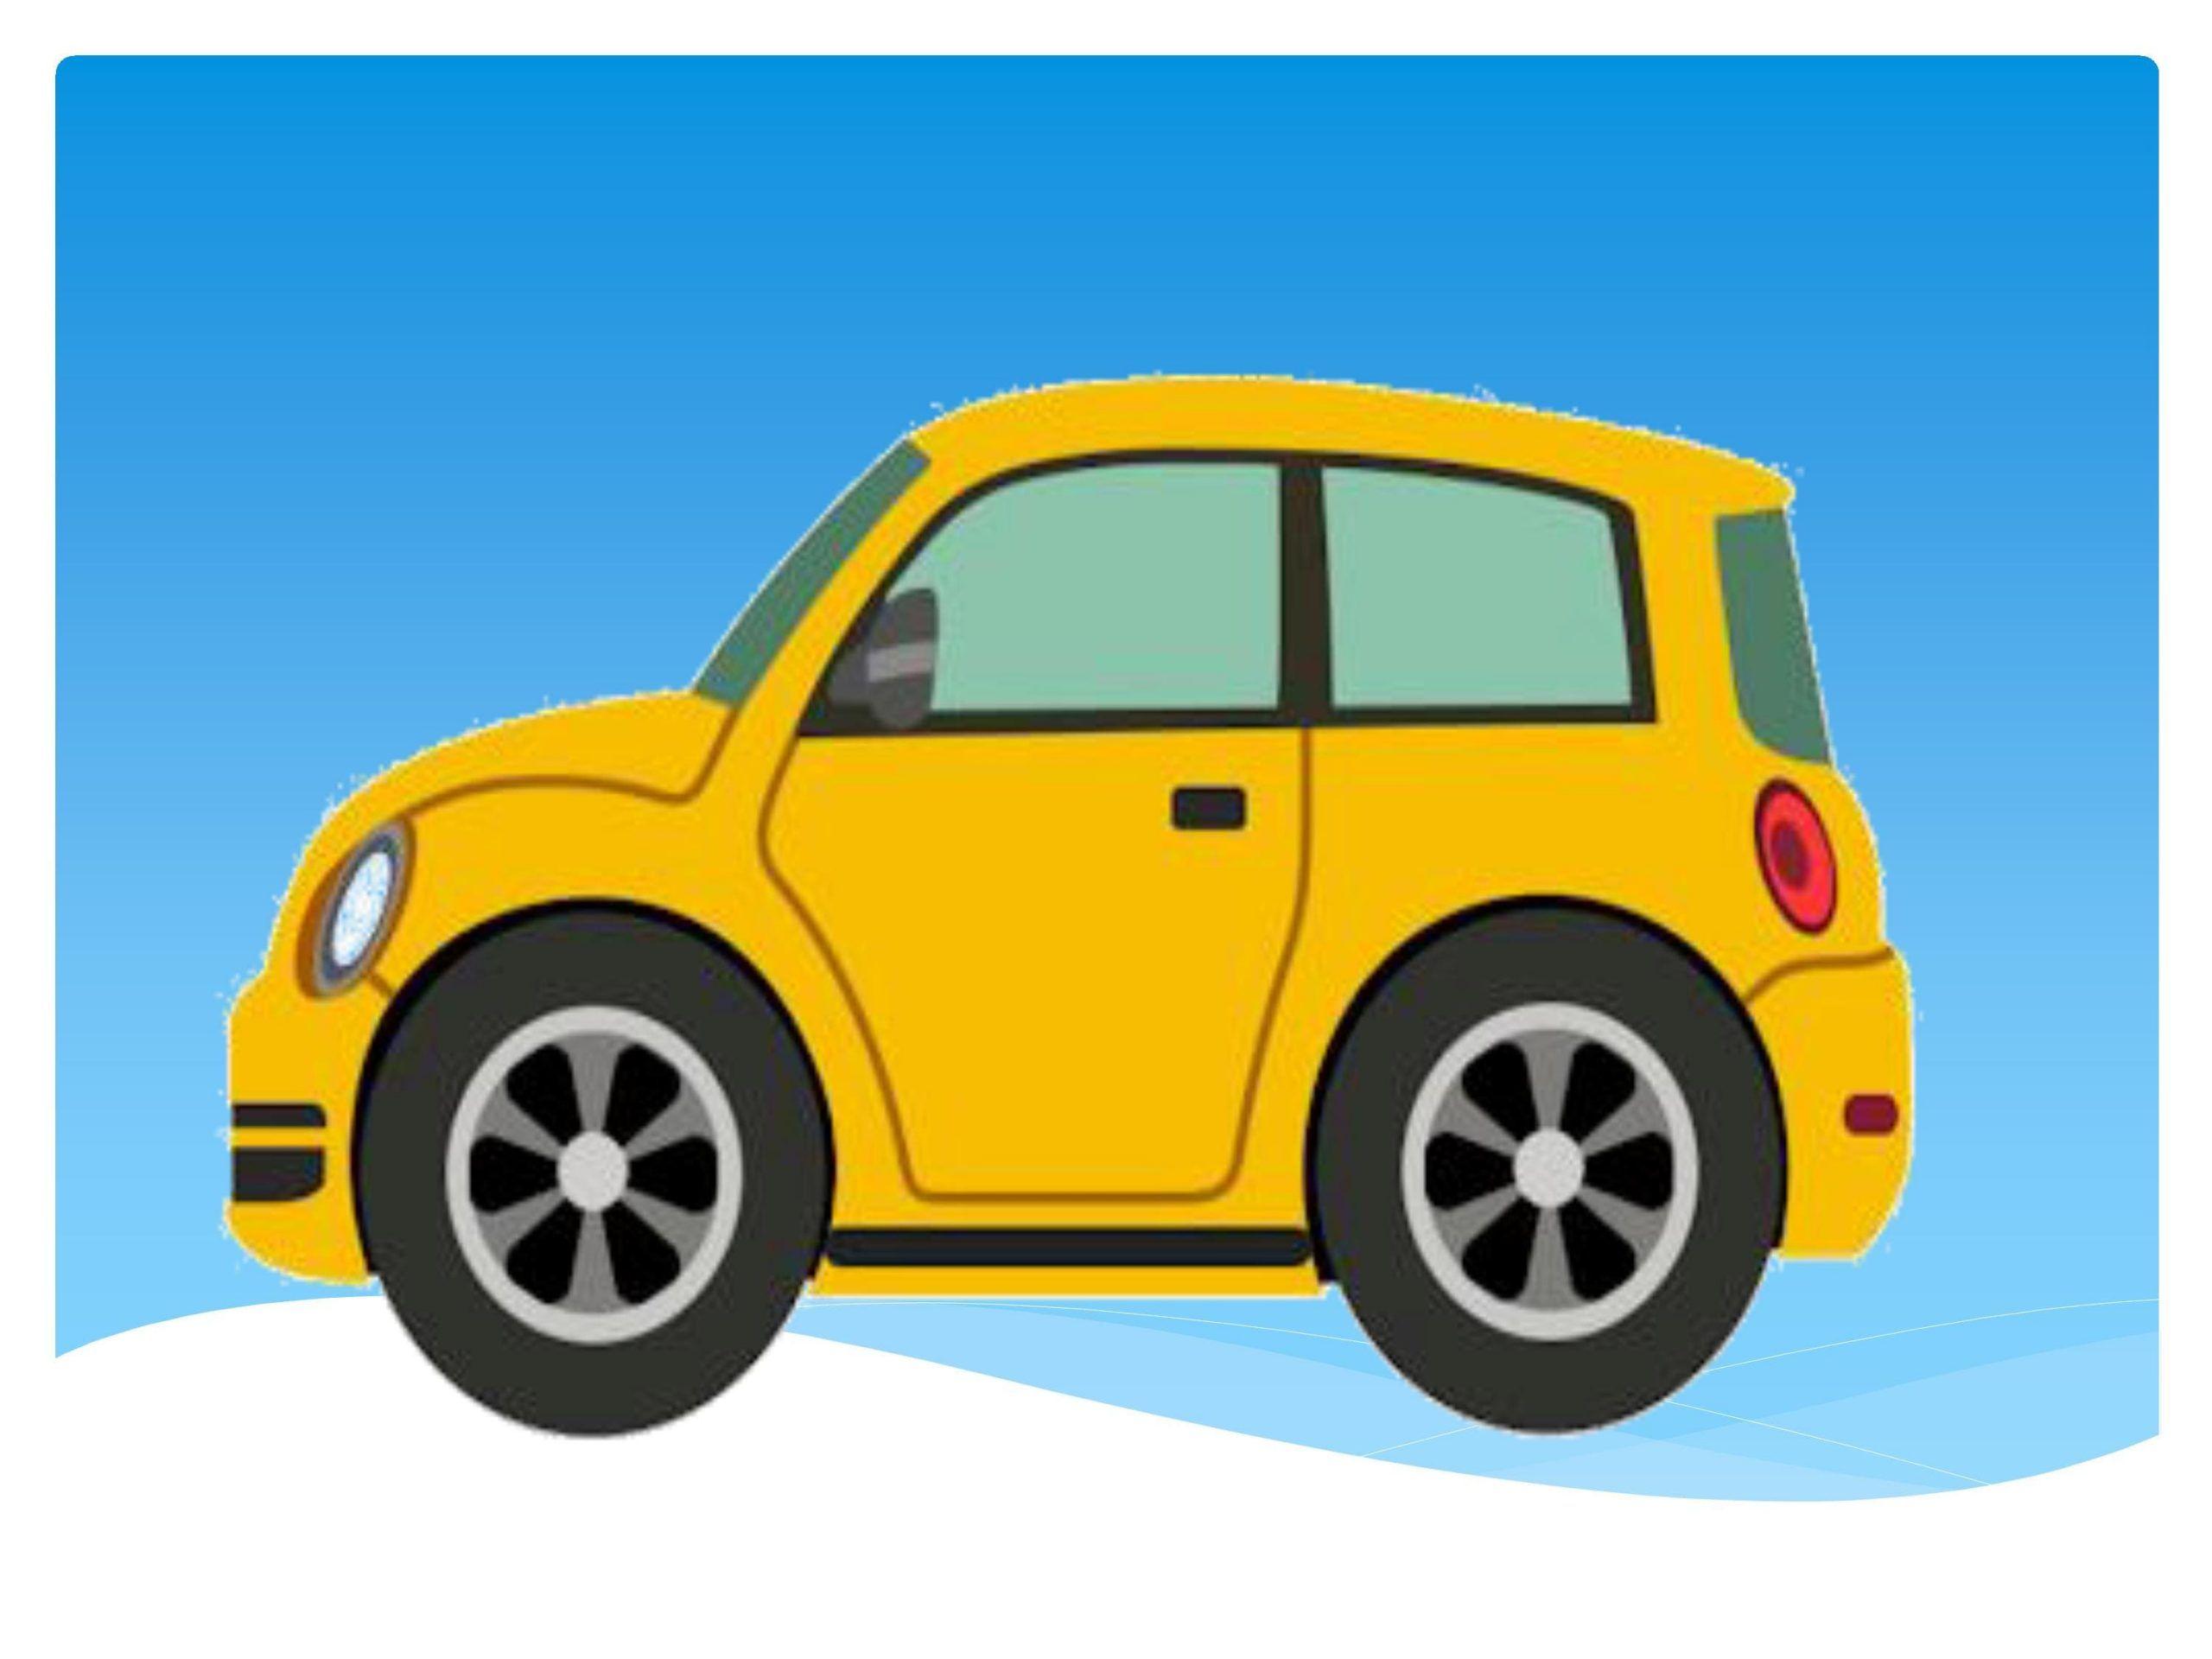 بطاقات تعليمية لرقم واحد لتعليم الاطفال بطريقة بسيطة Toy Car Toys